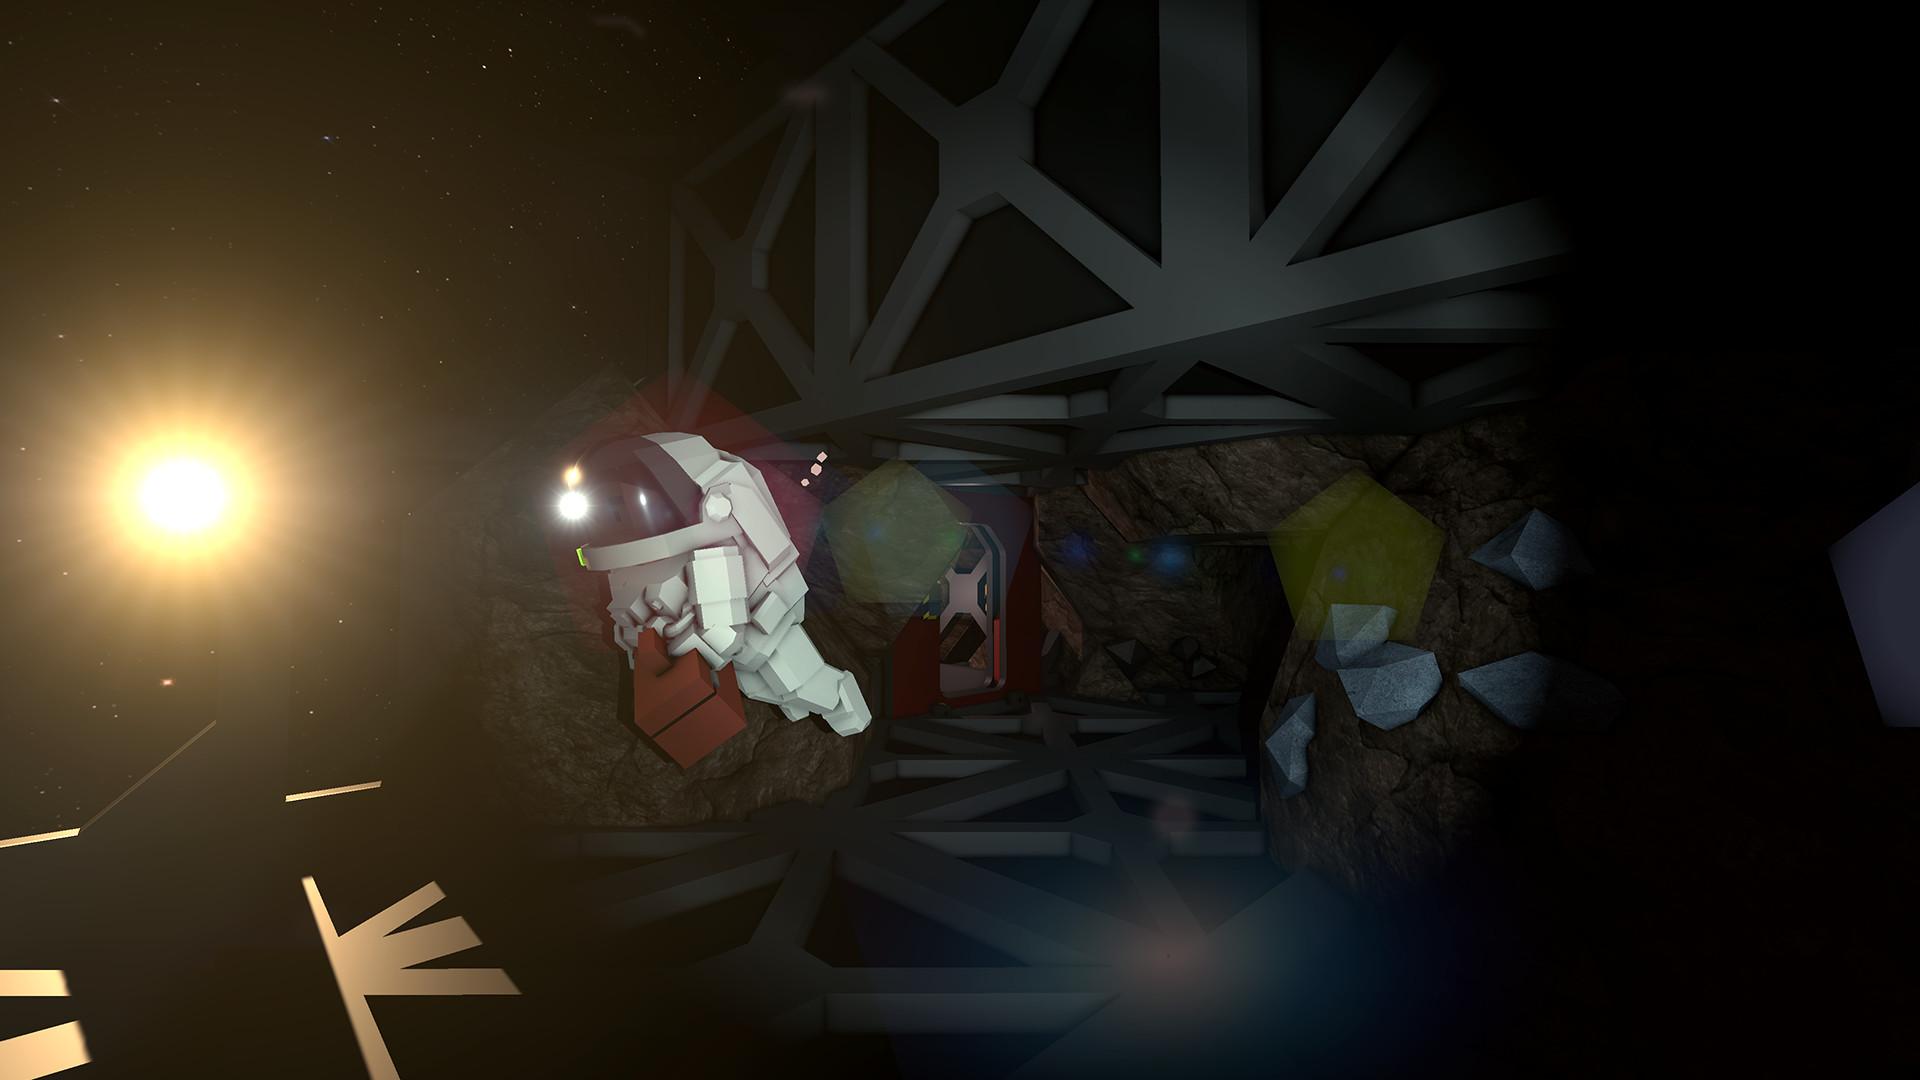 Dean Hall představil hru Stationeers se správou vesmírných stanic 141488